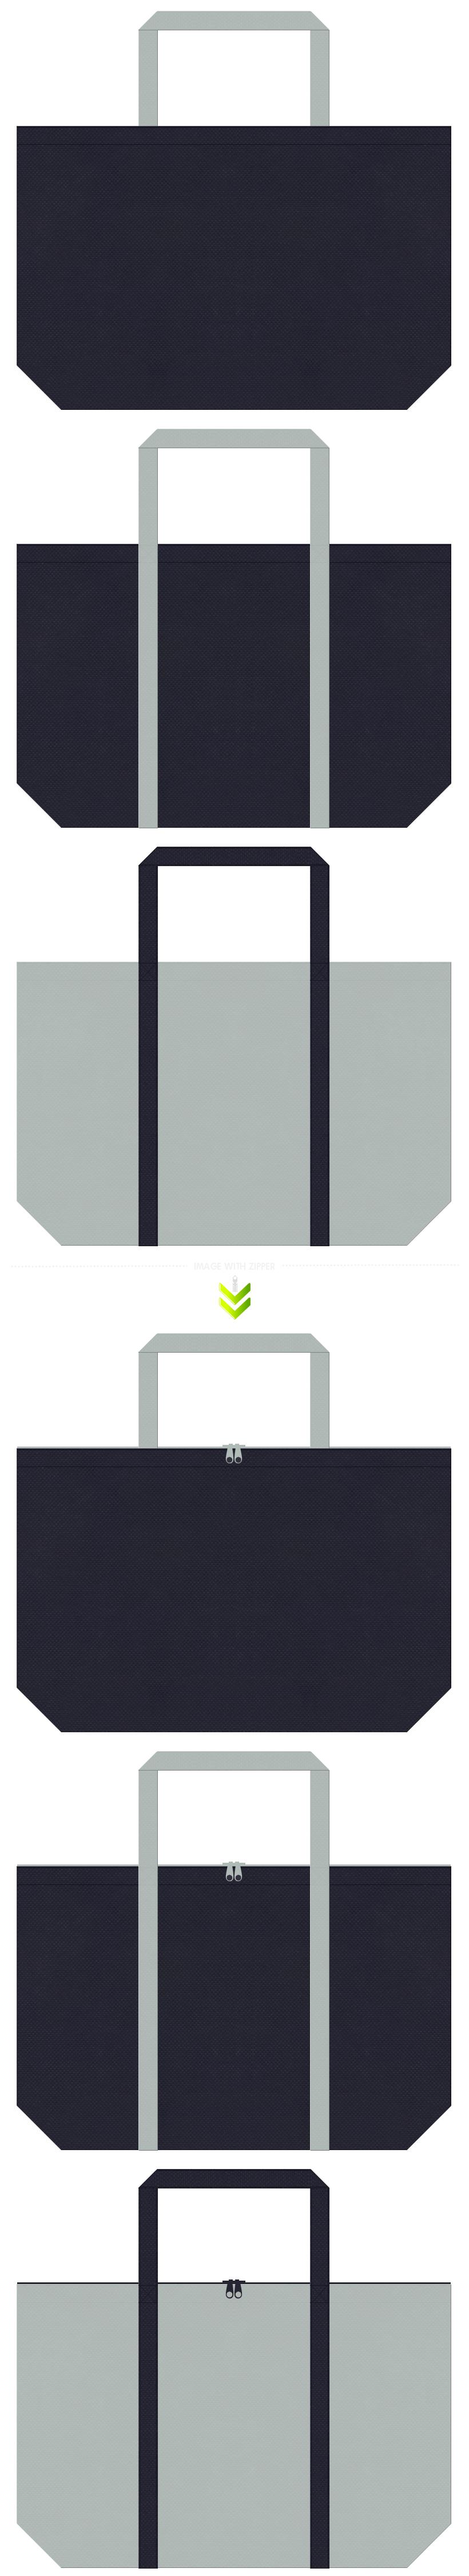 建築・設計・ステーショナリー・ビジネススーツ・ロボット・ラジコン・ホビーのイベントにお奨めの不織布バッグデザイン:濃紺色とグレー色のコーデ